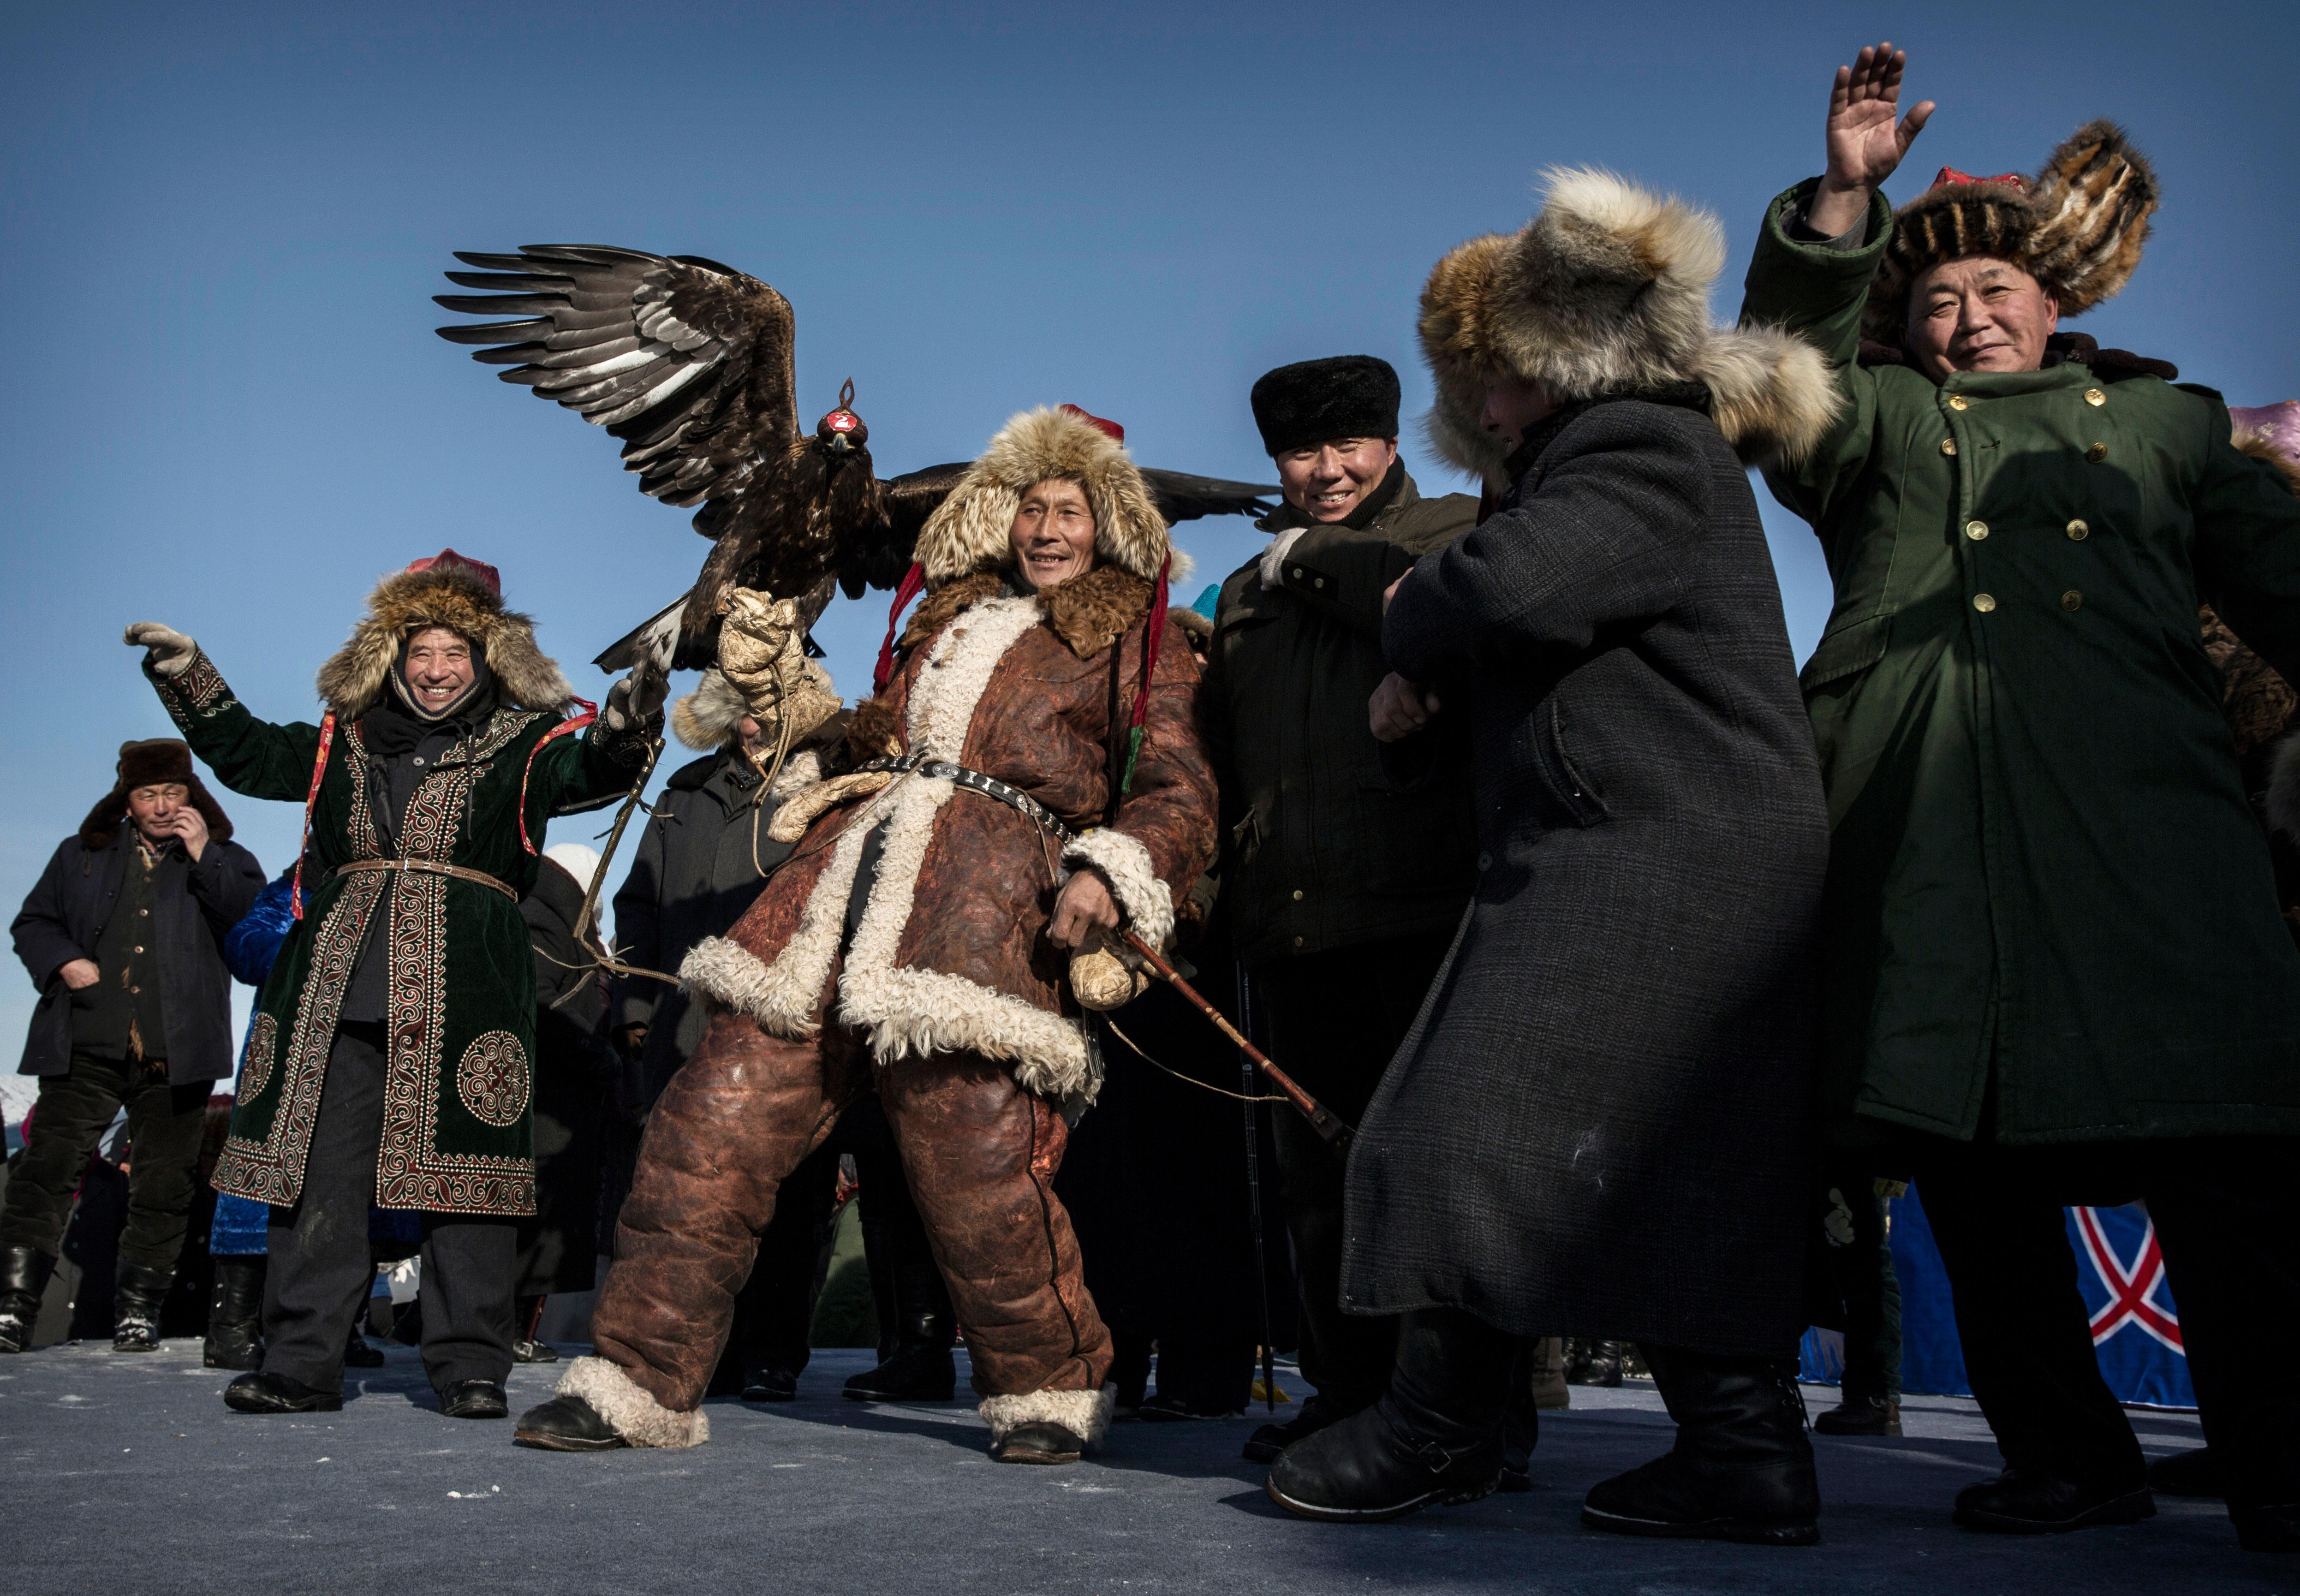 Западный Китай, казахское меньшинство сохраняет культурные традиции